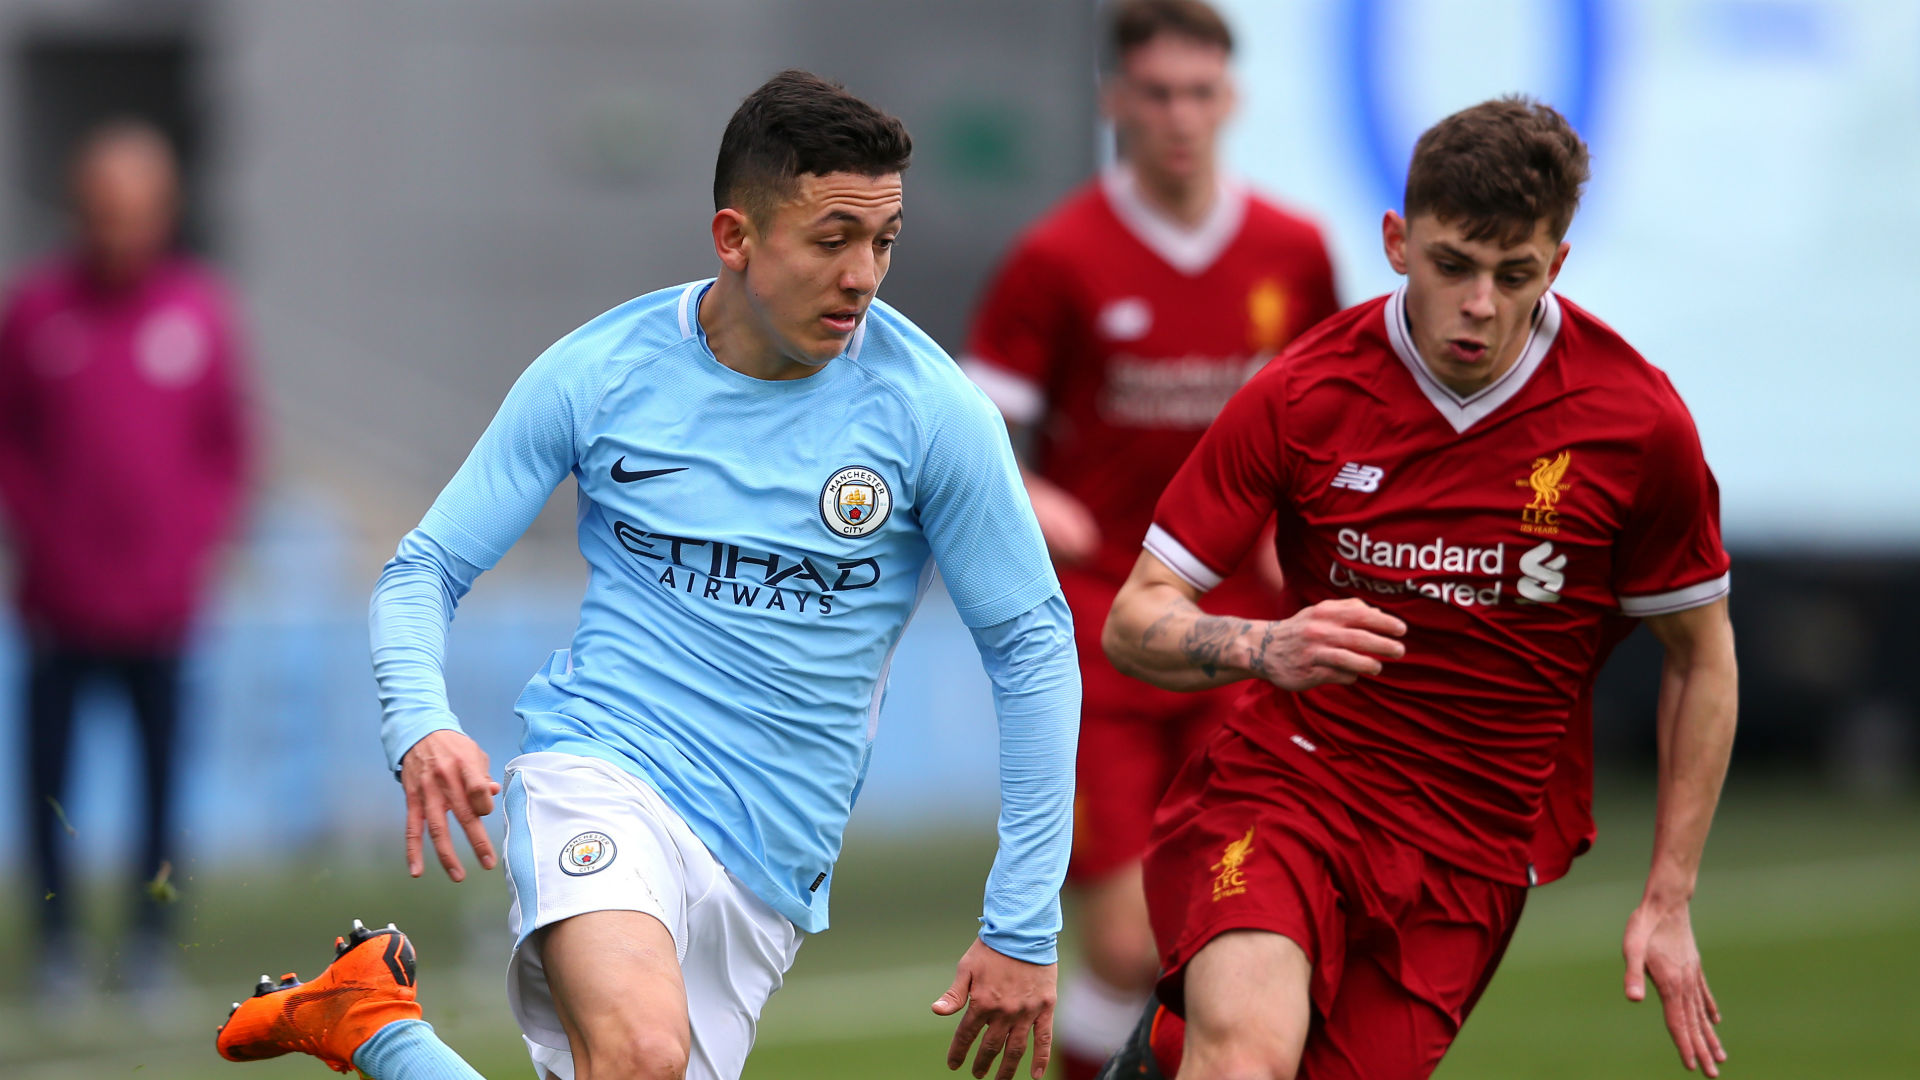 Adam Lewis, Liverpool U-23s